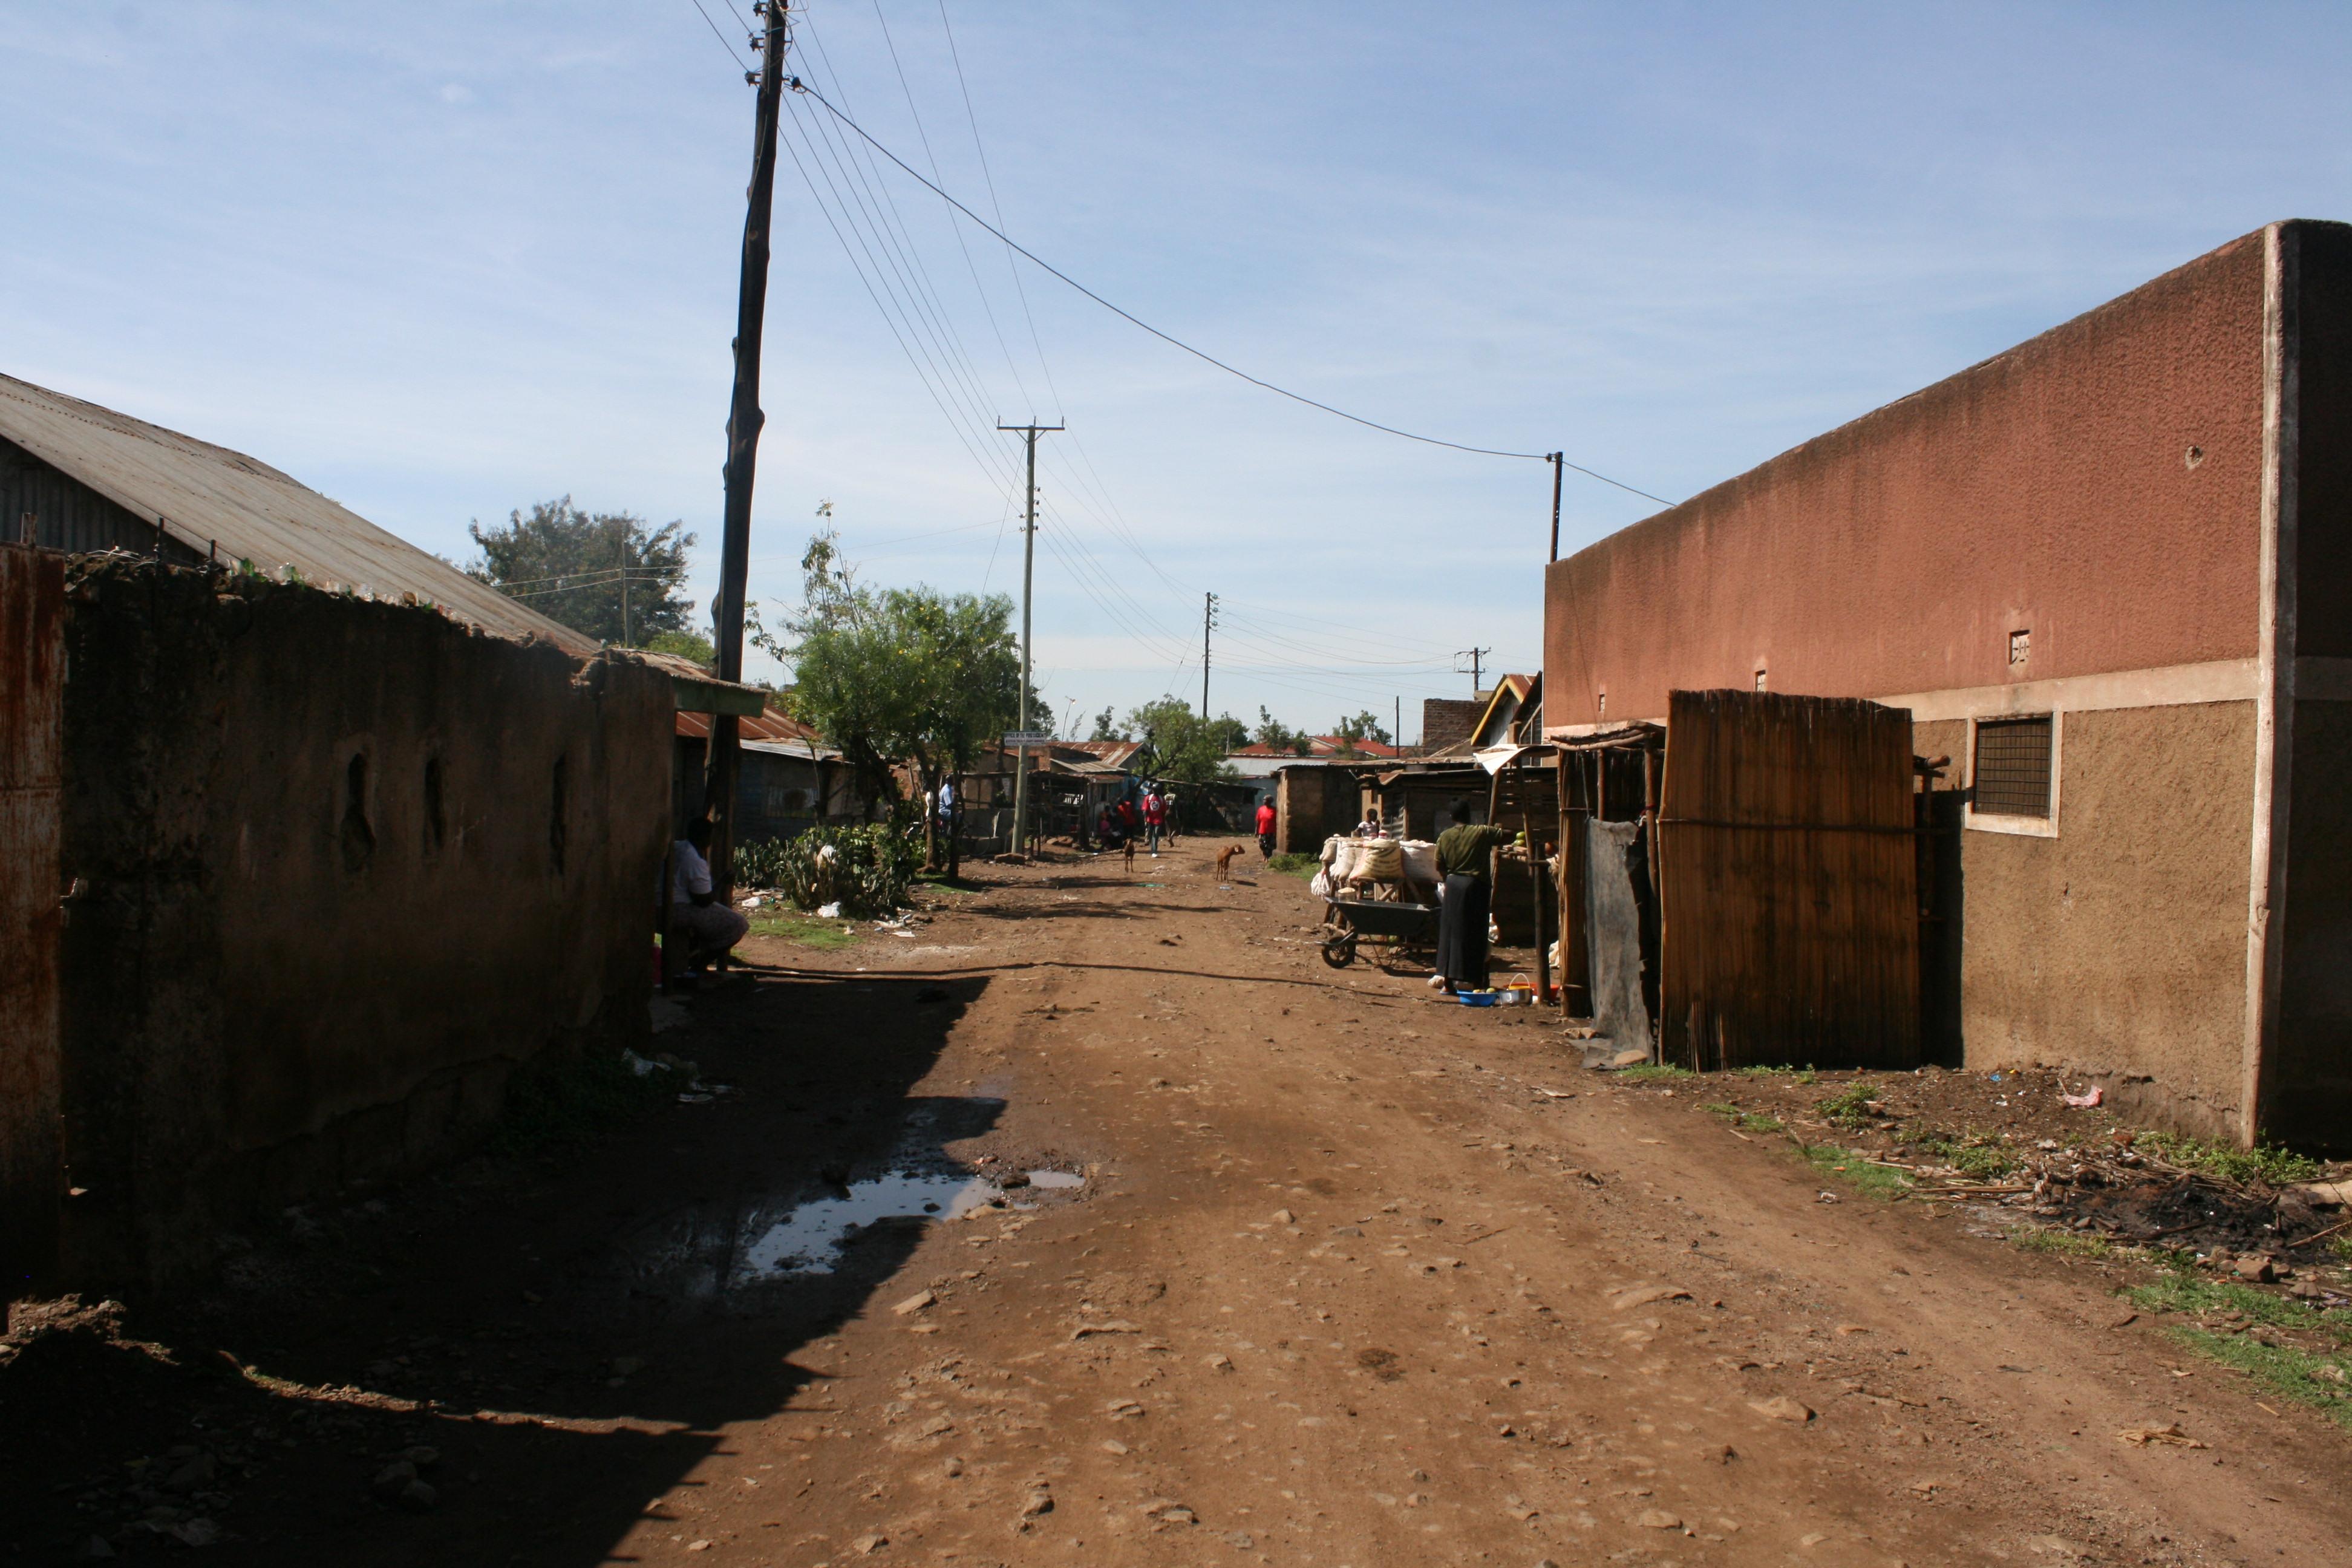 Nyalenda Slum in Kisumu, Kenya